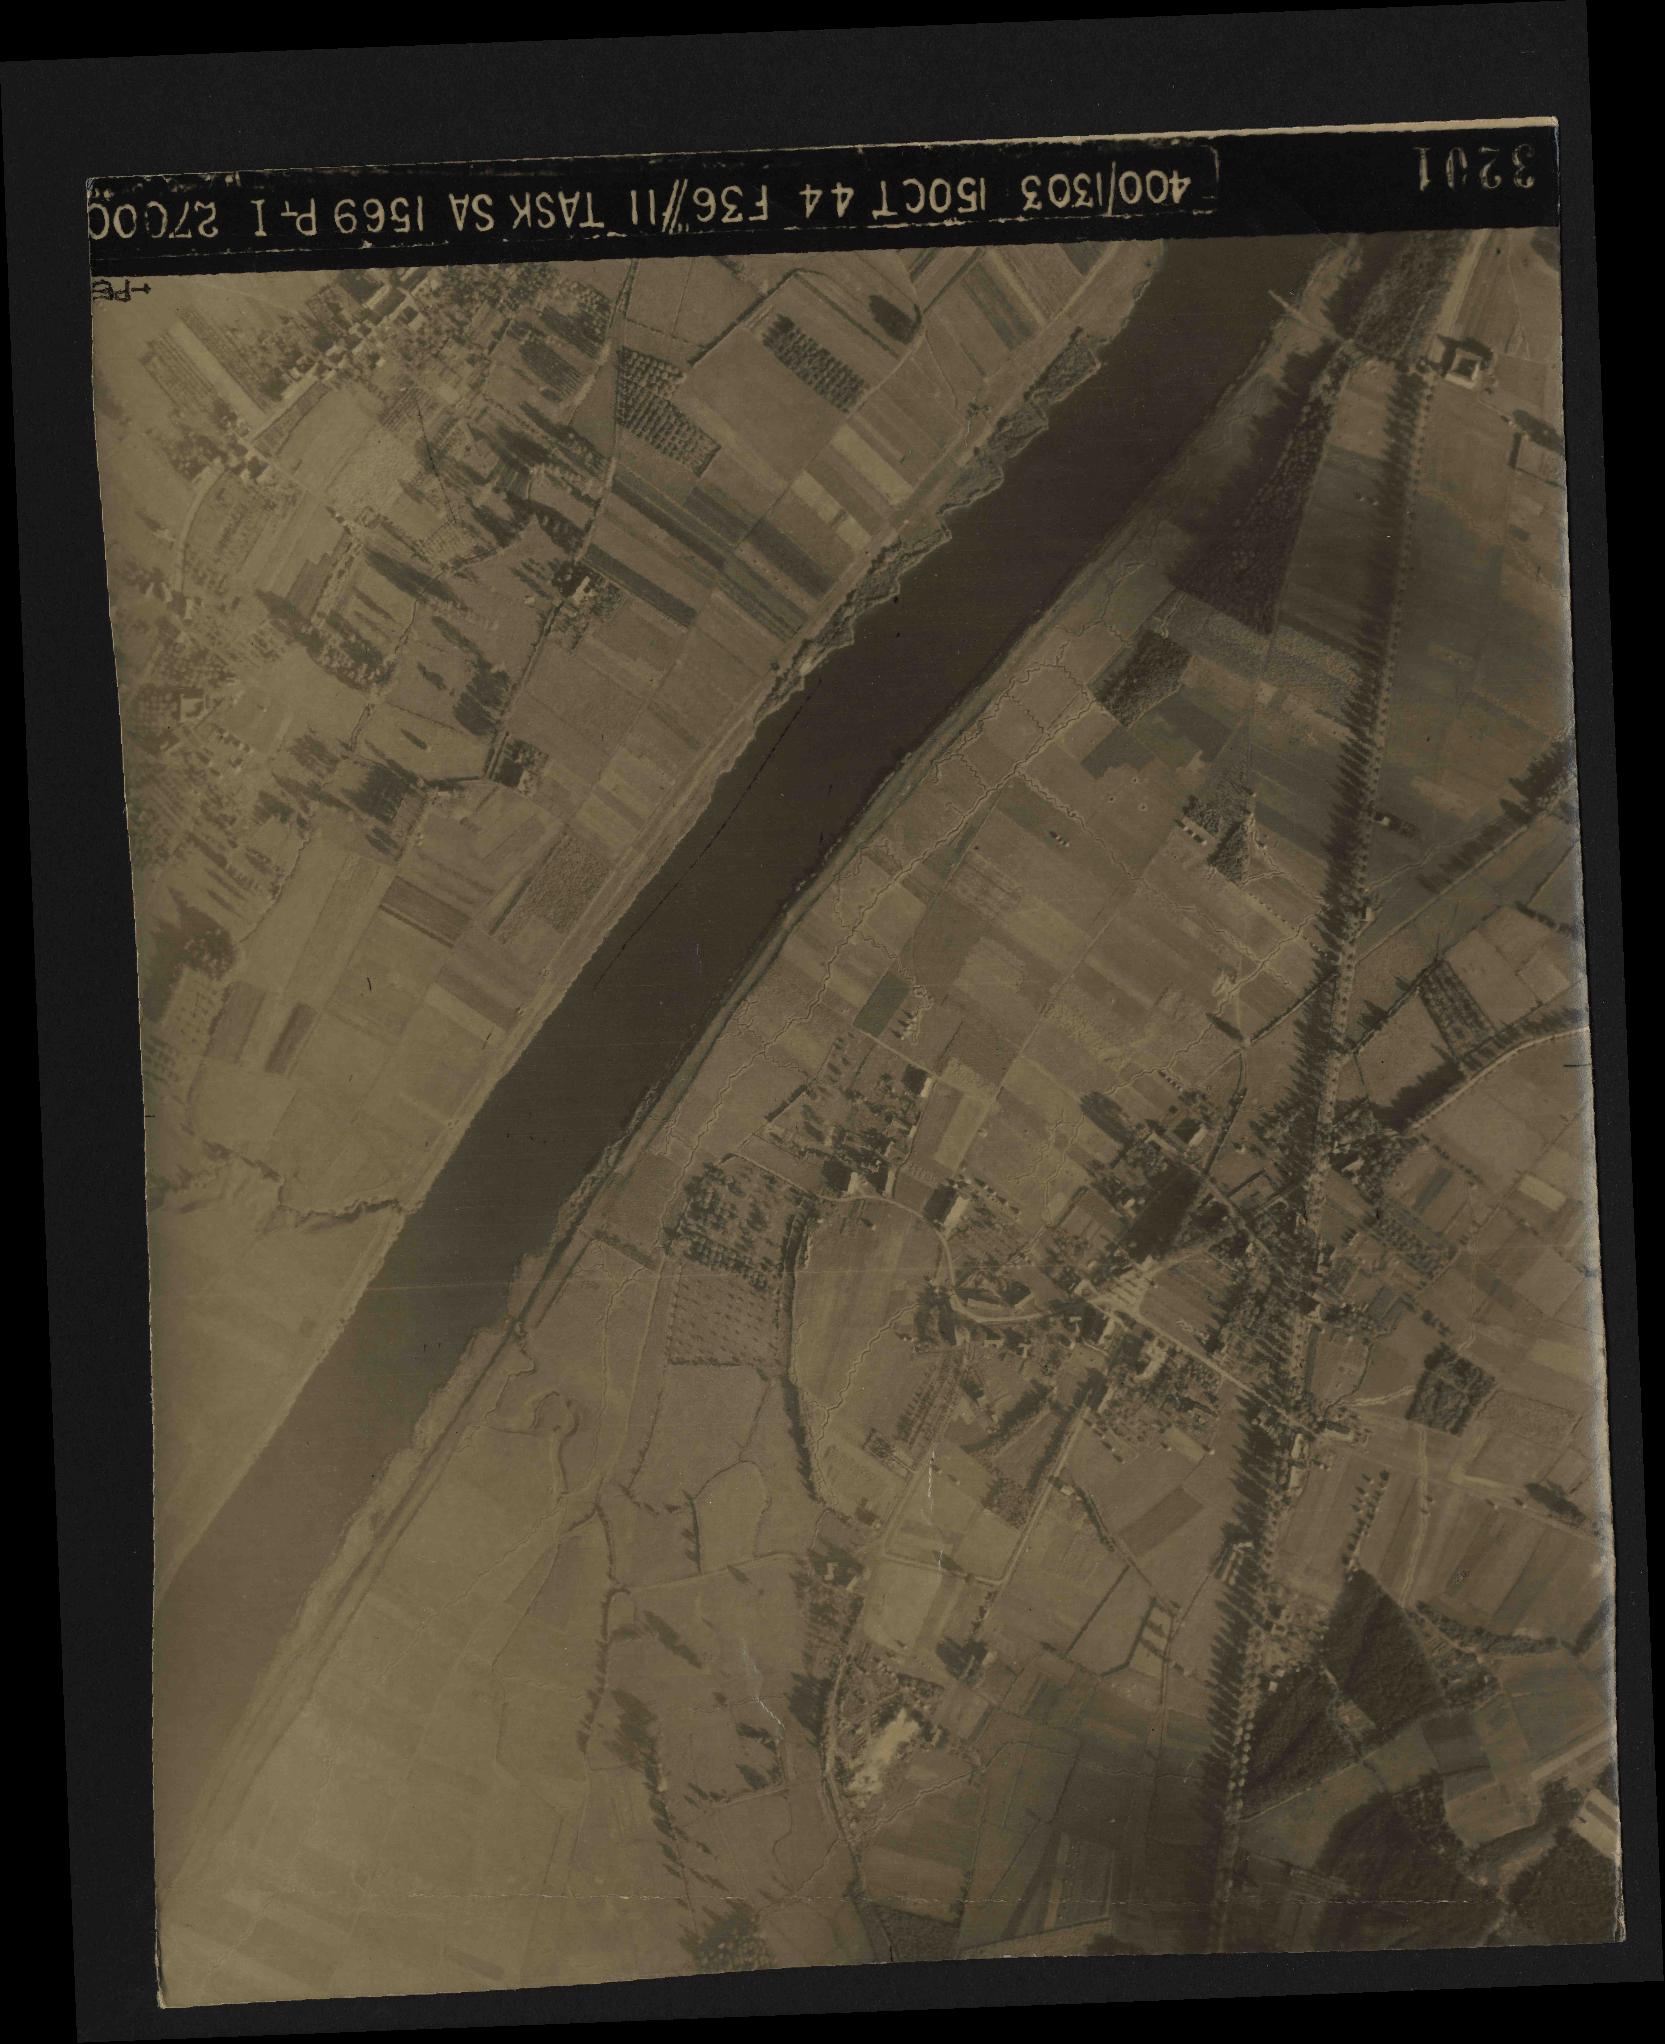 Collection RAF aerial photos 1940-1945 - flight 178, run 23, photo 3201